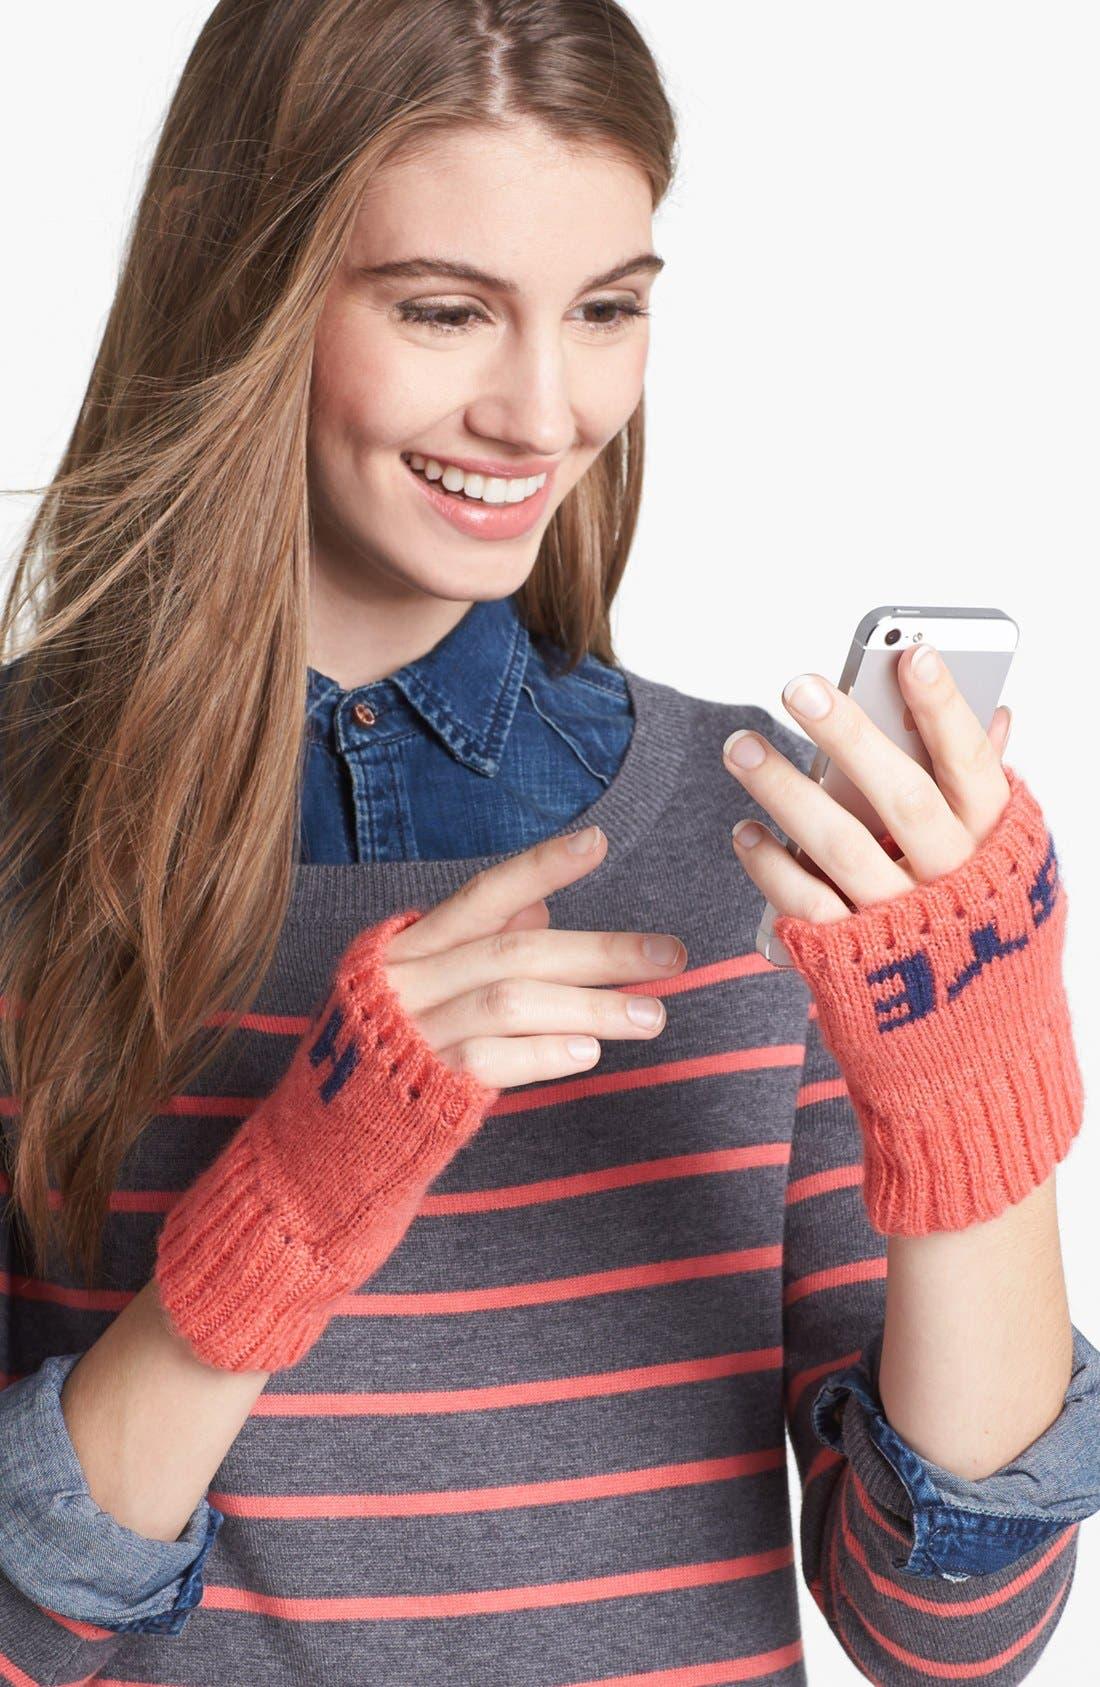 Alternate Image 1 Selected - BCBGeneration 'Hi/Bye' Fingerless Gloves